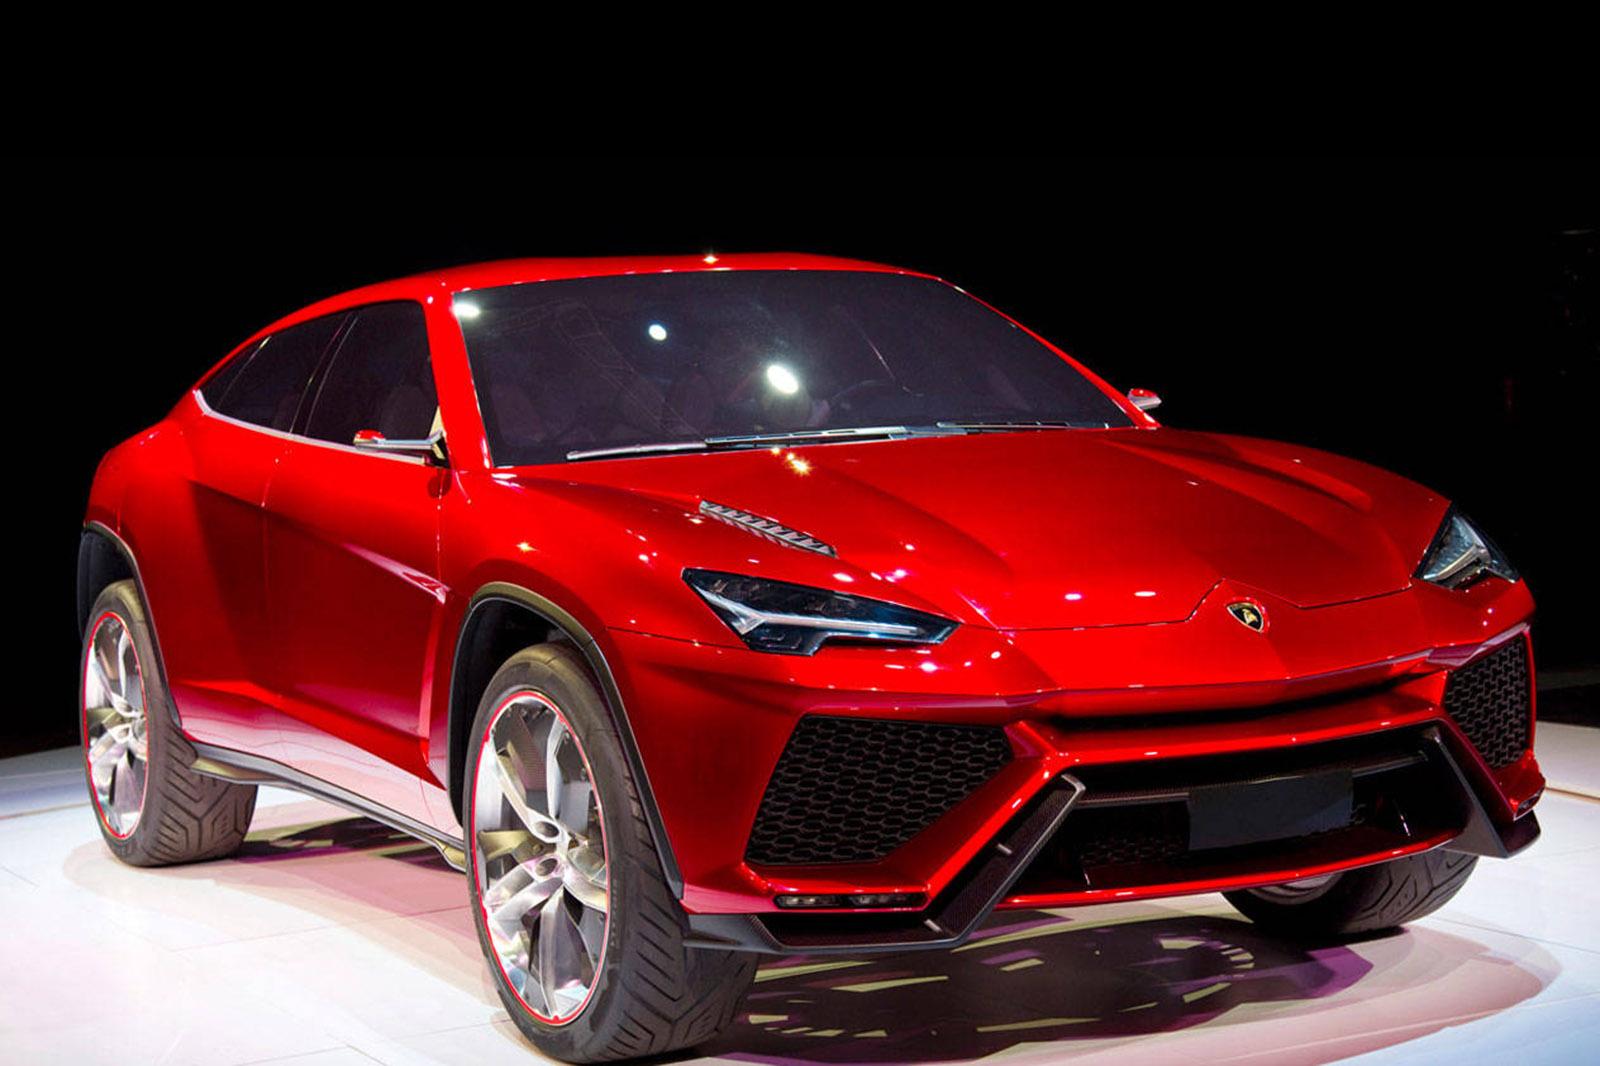 Lamborghini 2020 Www Pixshark Com Images Galleries With A Bite